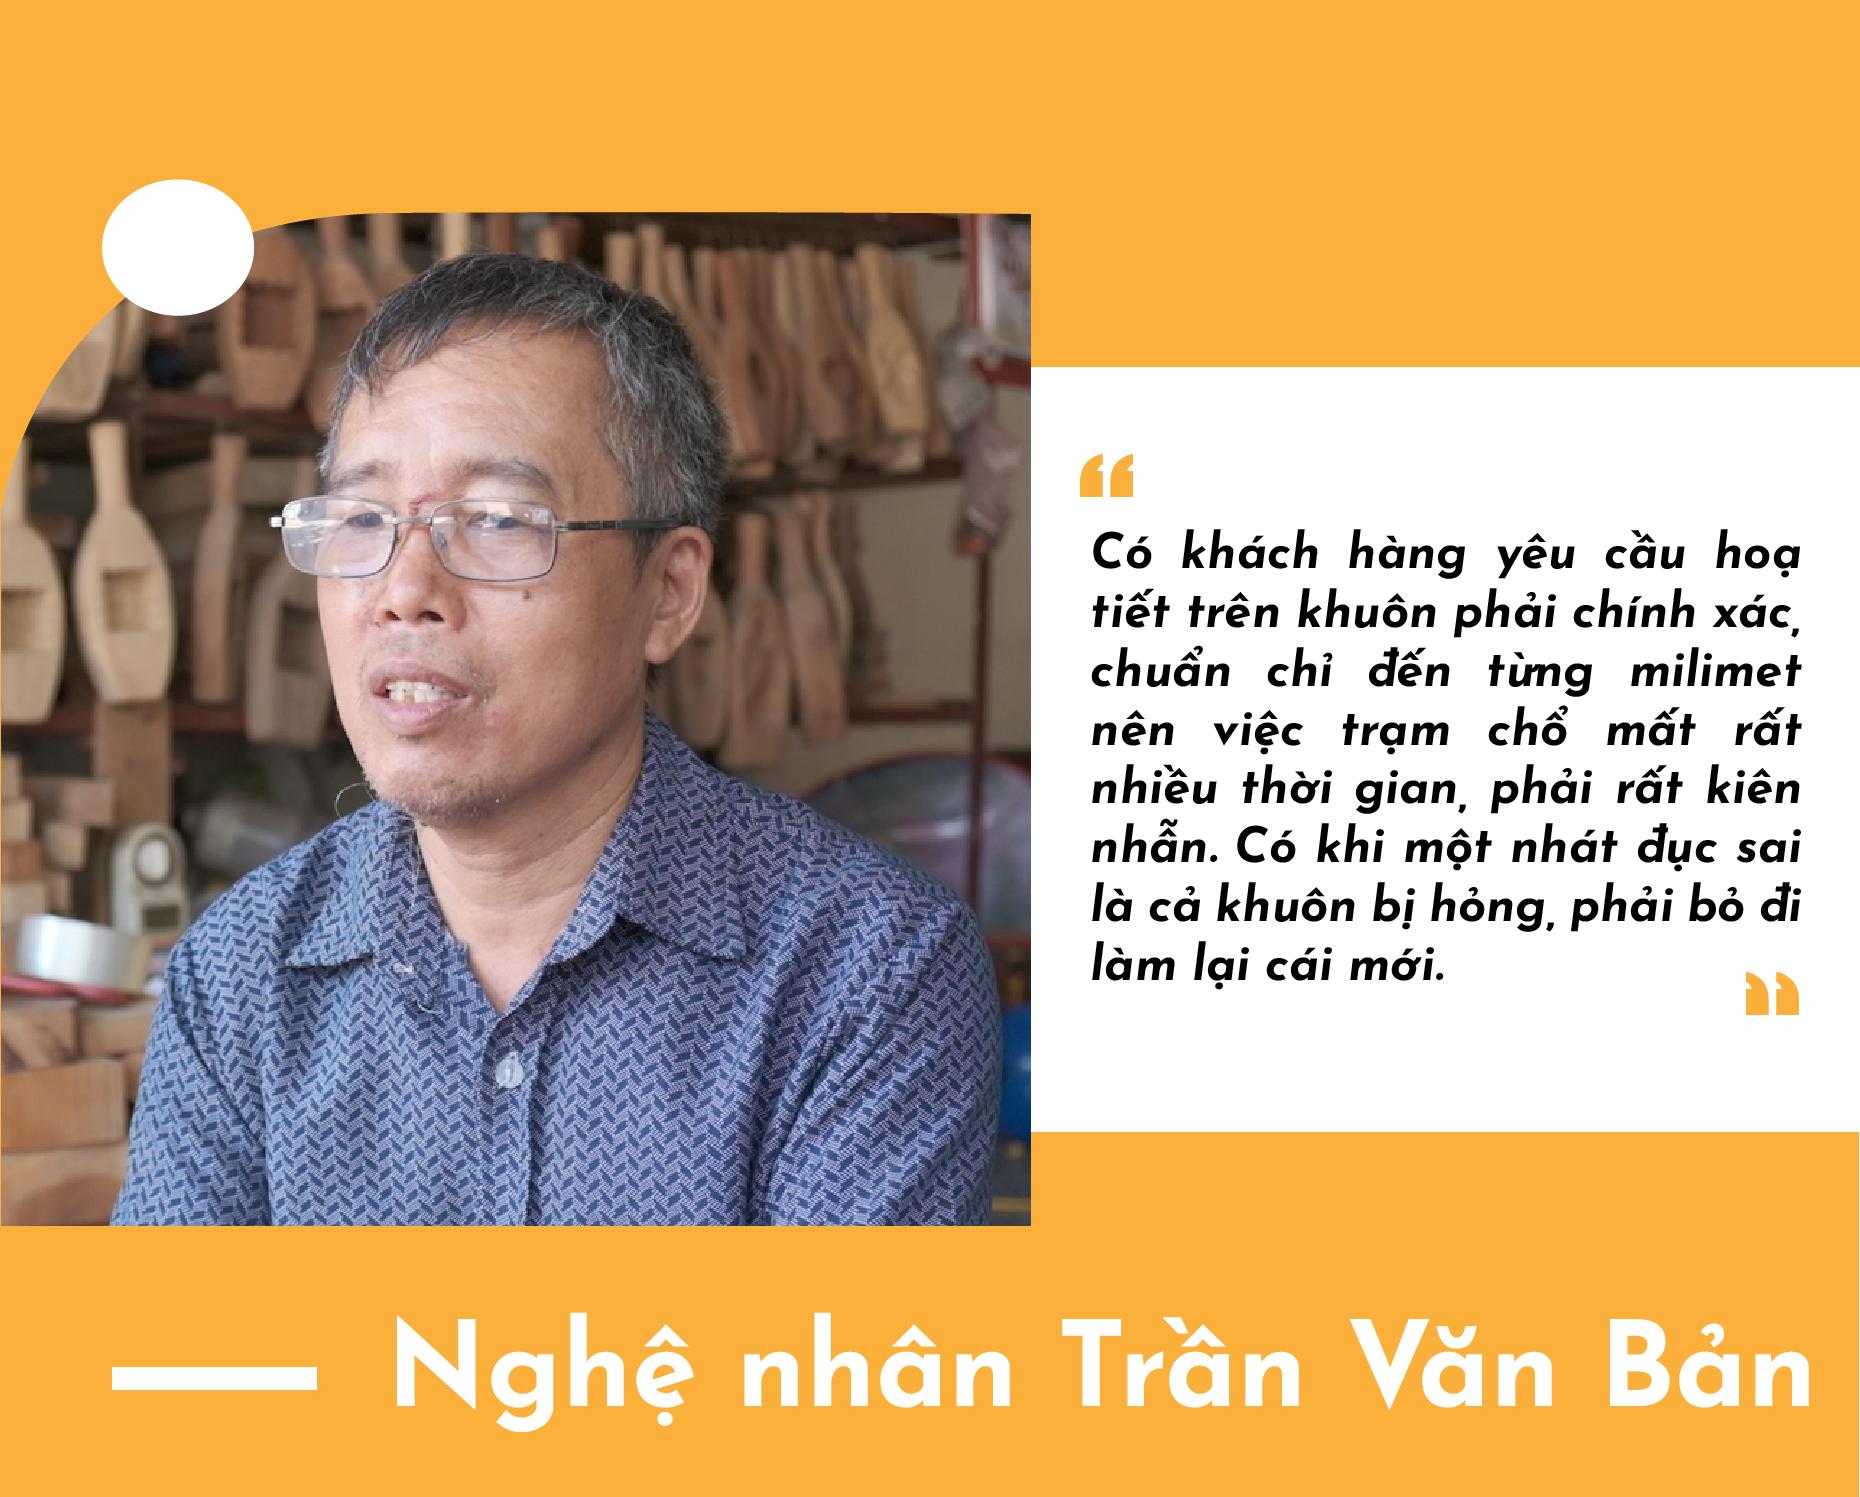 Nghệ nhân Trần Văn Bản: Gần nửa thế kỷ làm khuôn bánh trung thu truyền thống - Ảnh 7.